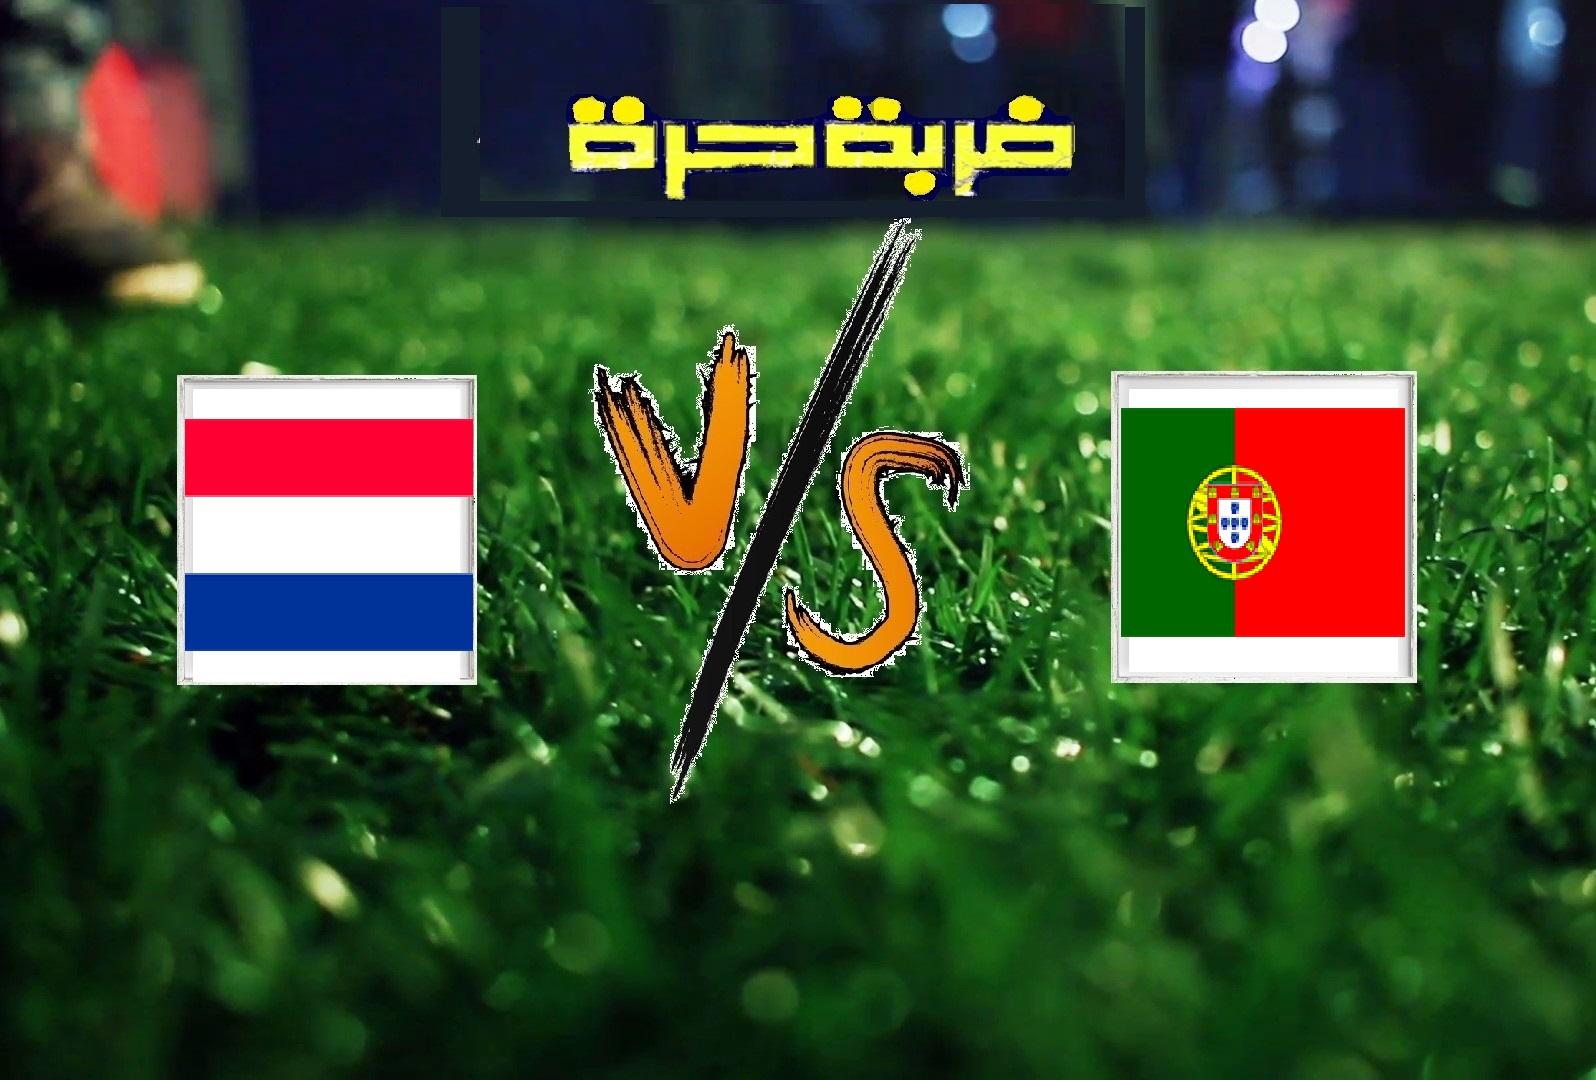 ملخص مباراة البرتغال وهولندا اليوم الاحد بتاريخ 09-06-2019 دوري الأمم الأوروبية